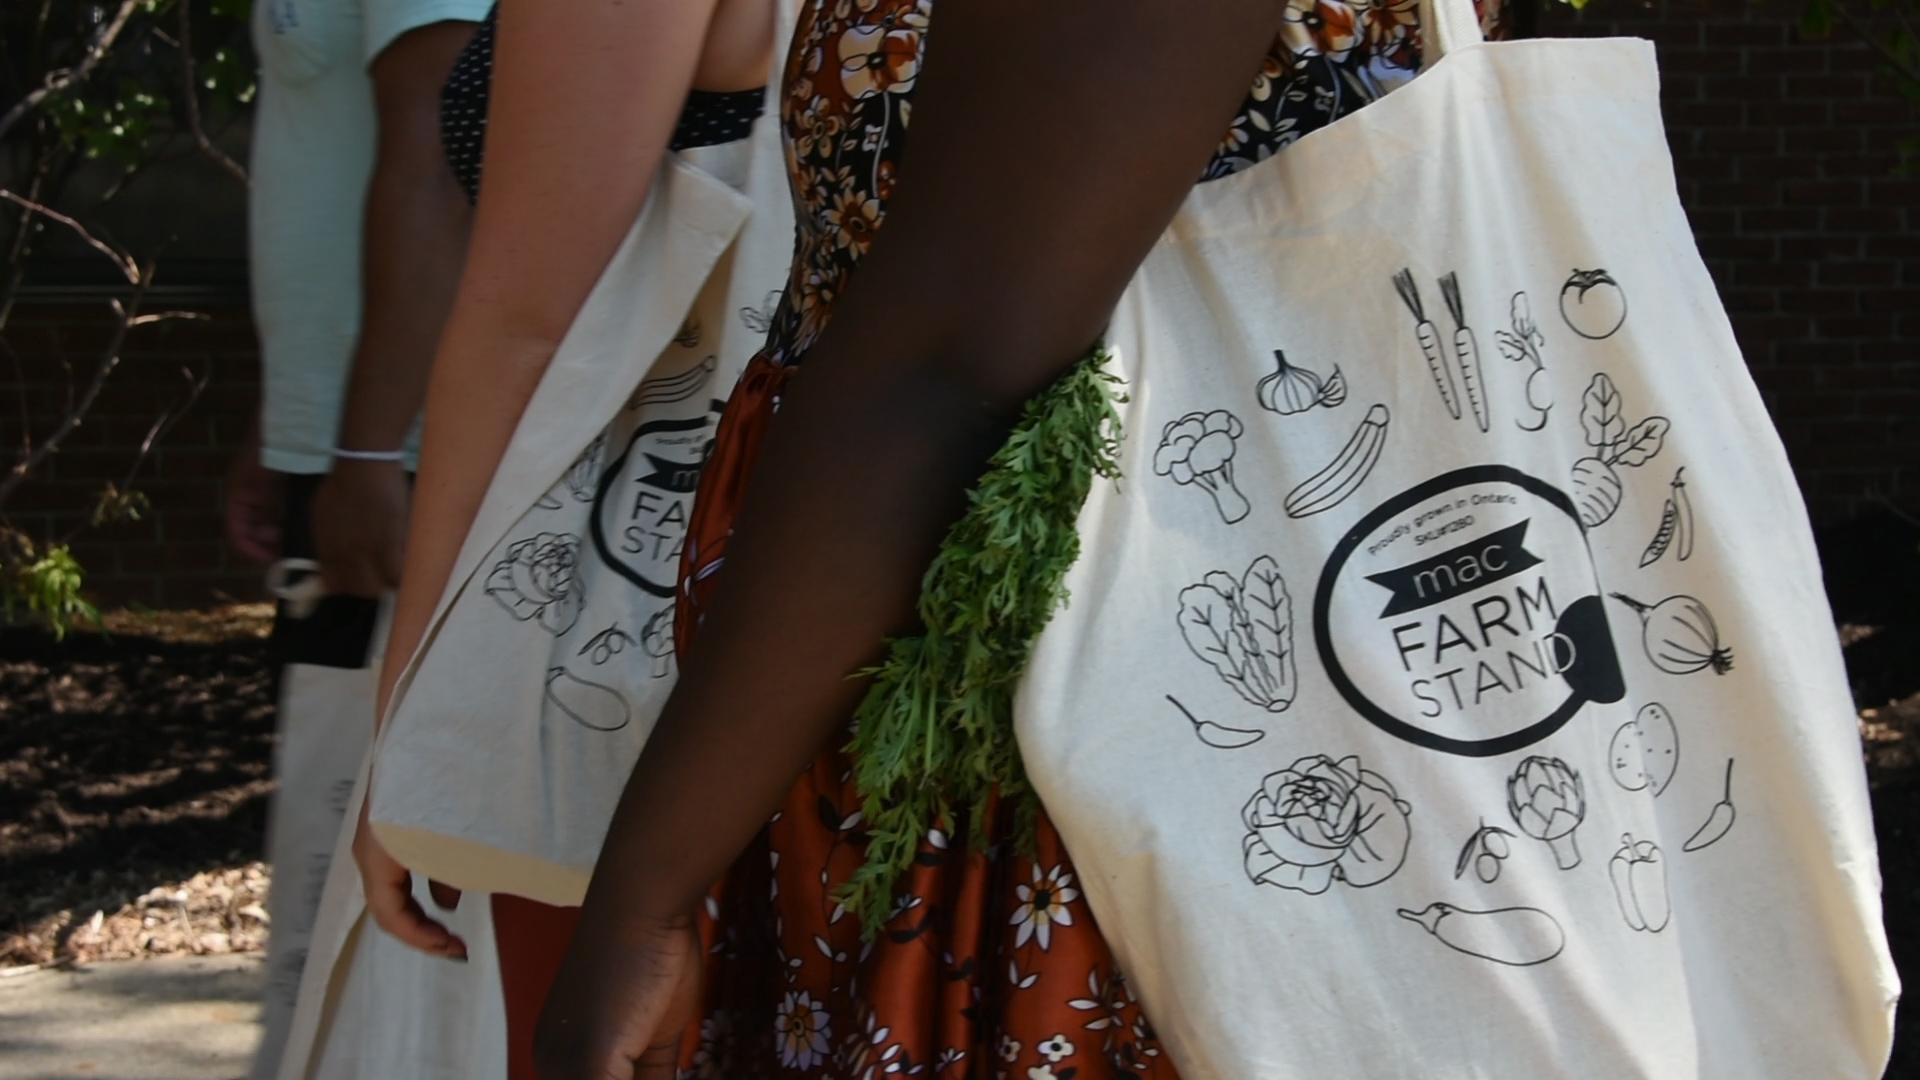 Mac farmstand bags.jpg